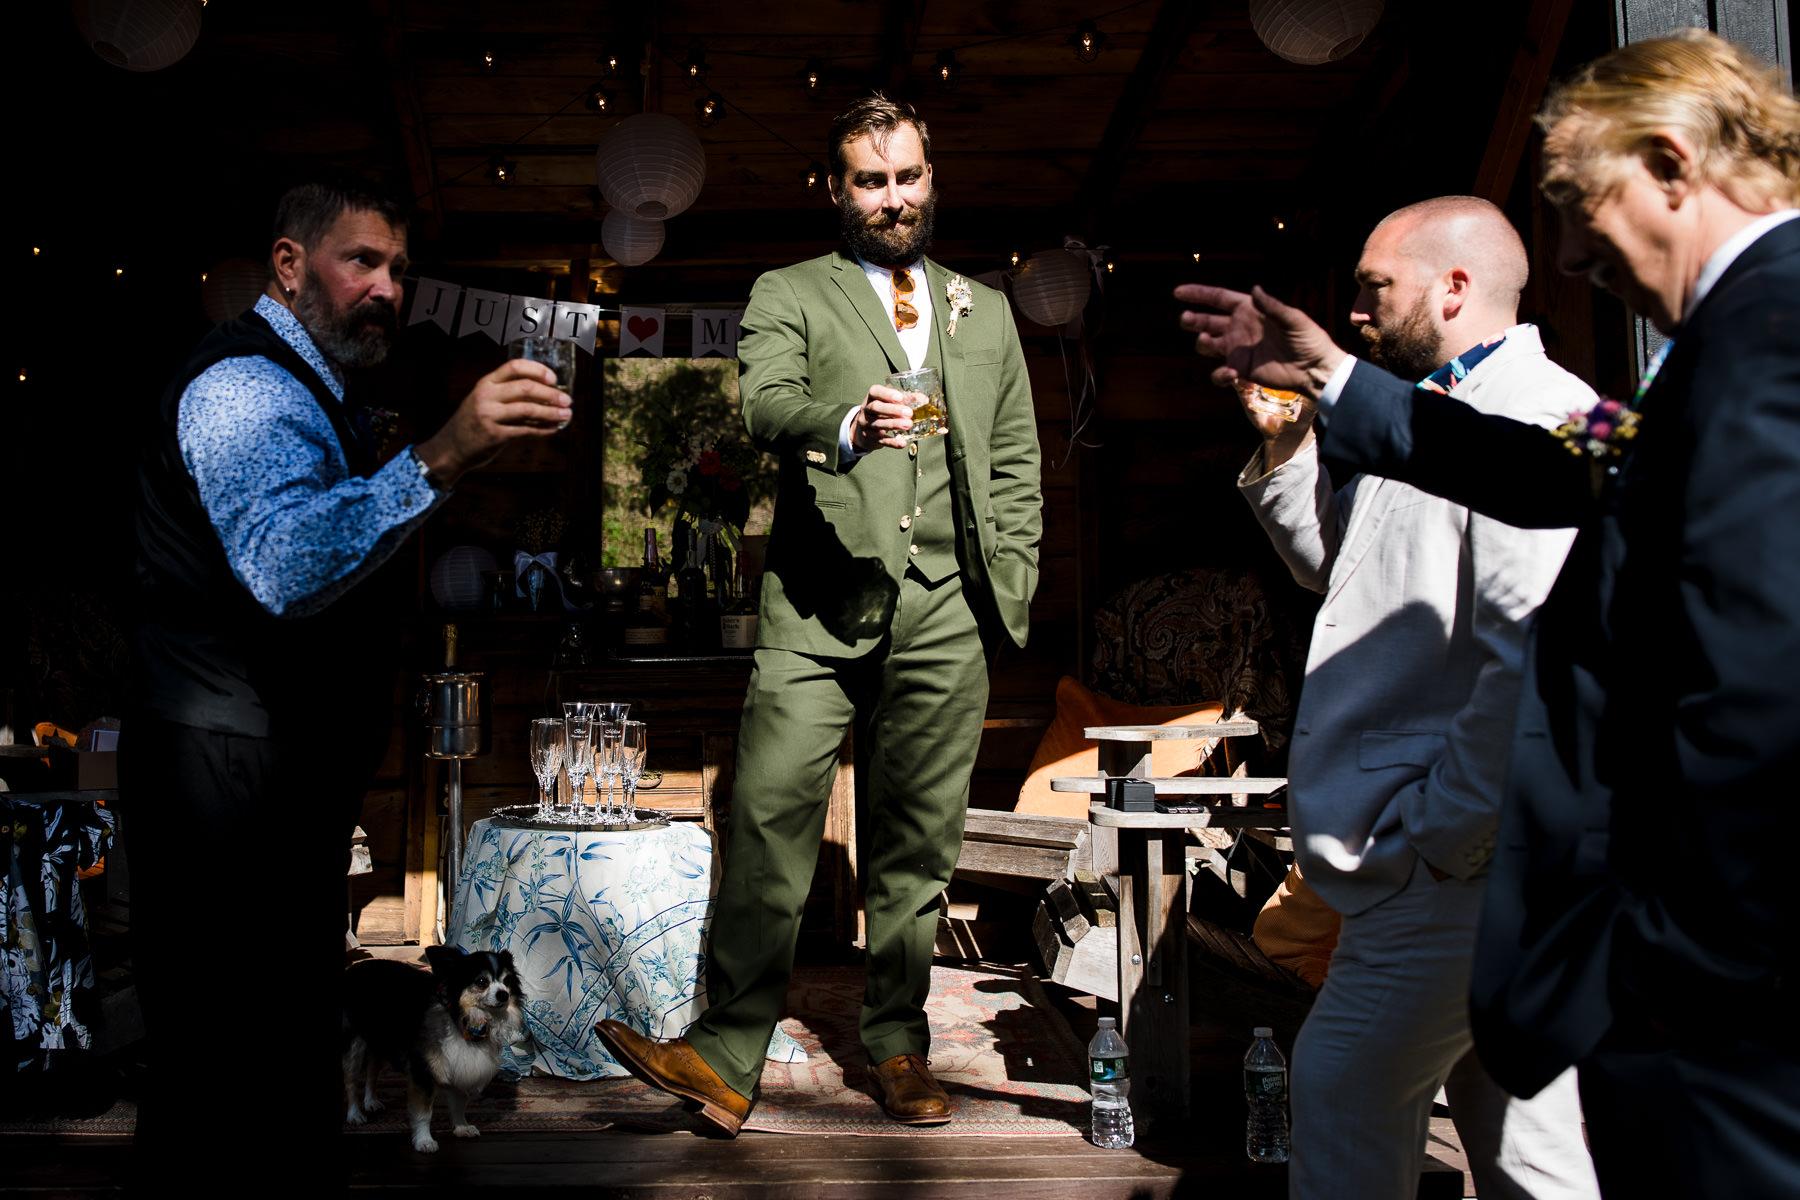 Lower Chateaugay Lake, NY Photo de mariage | Le marié grillage avec du bourbon spécial